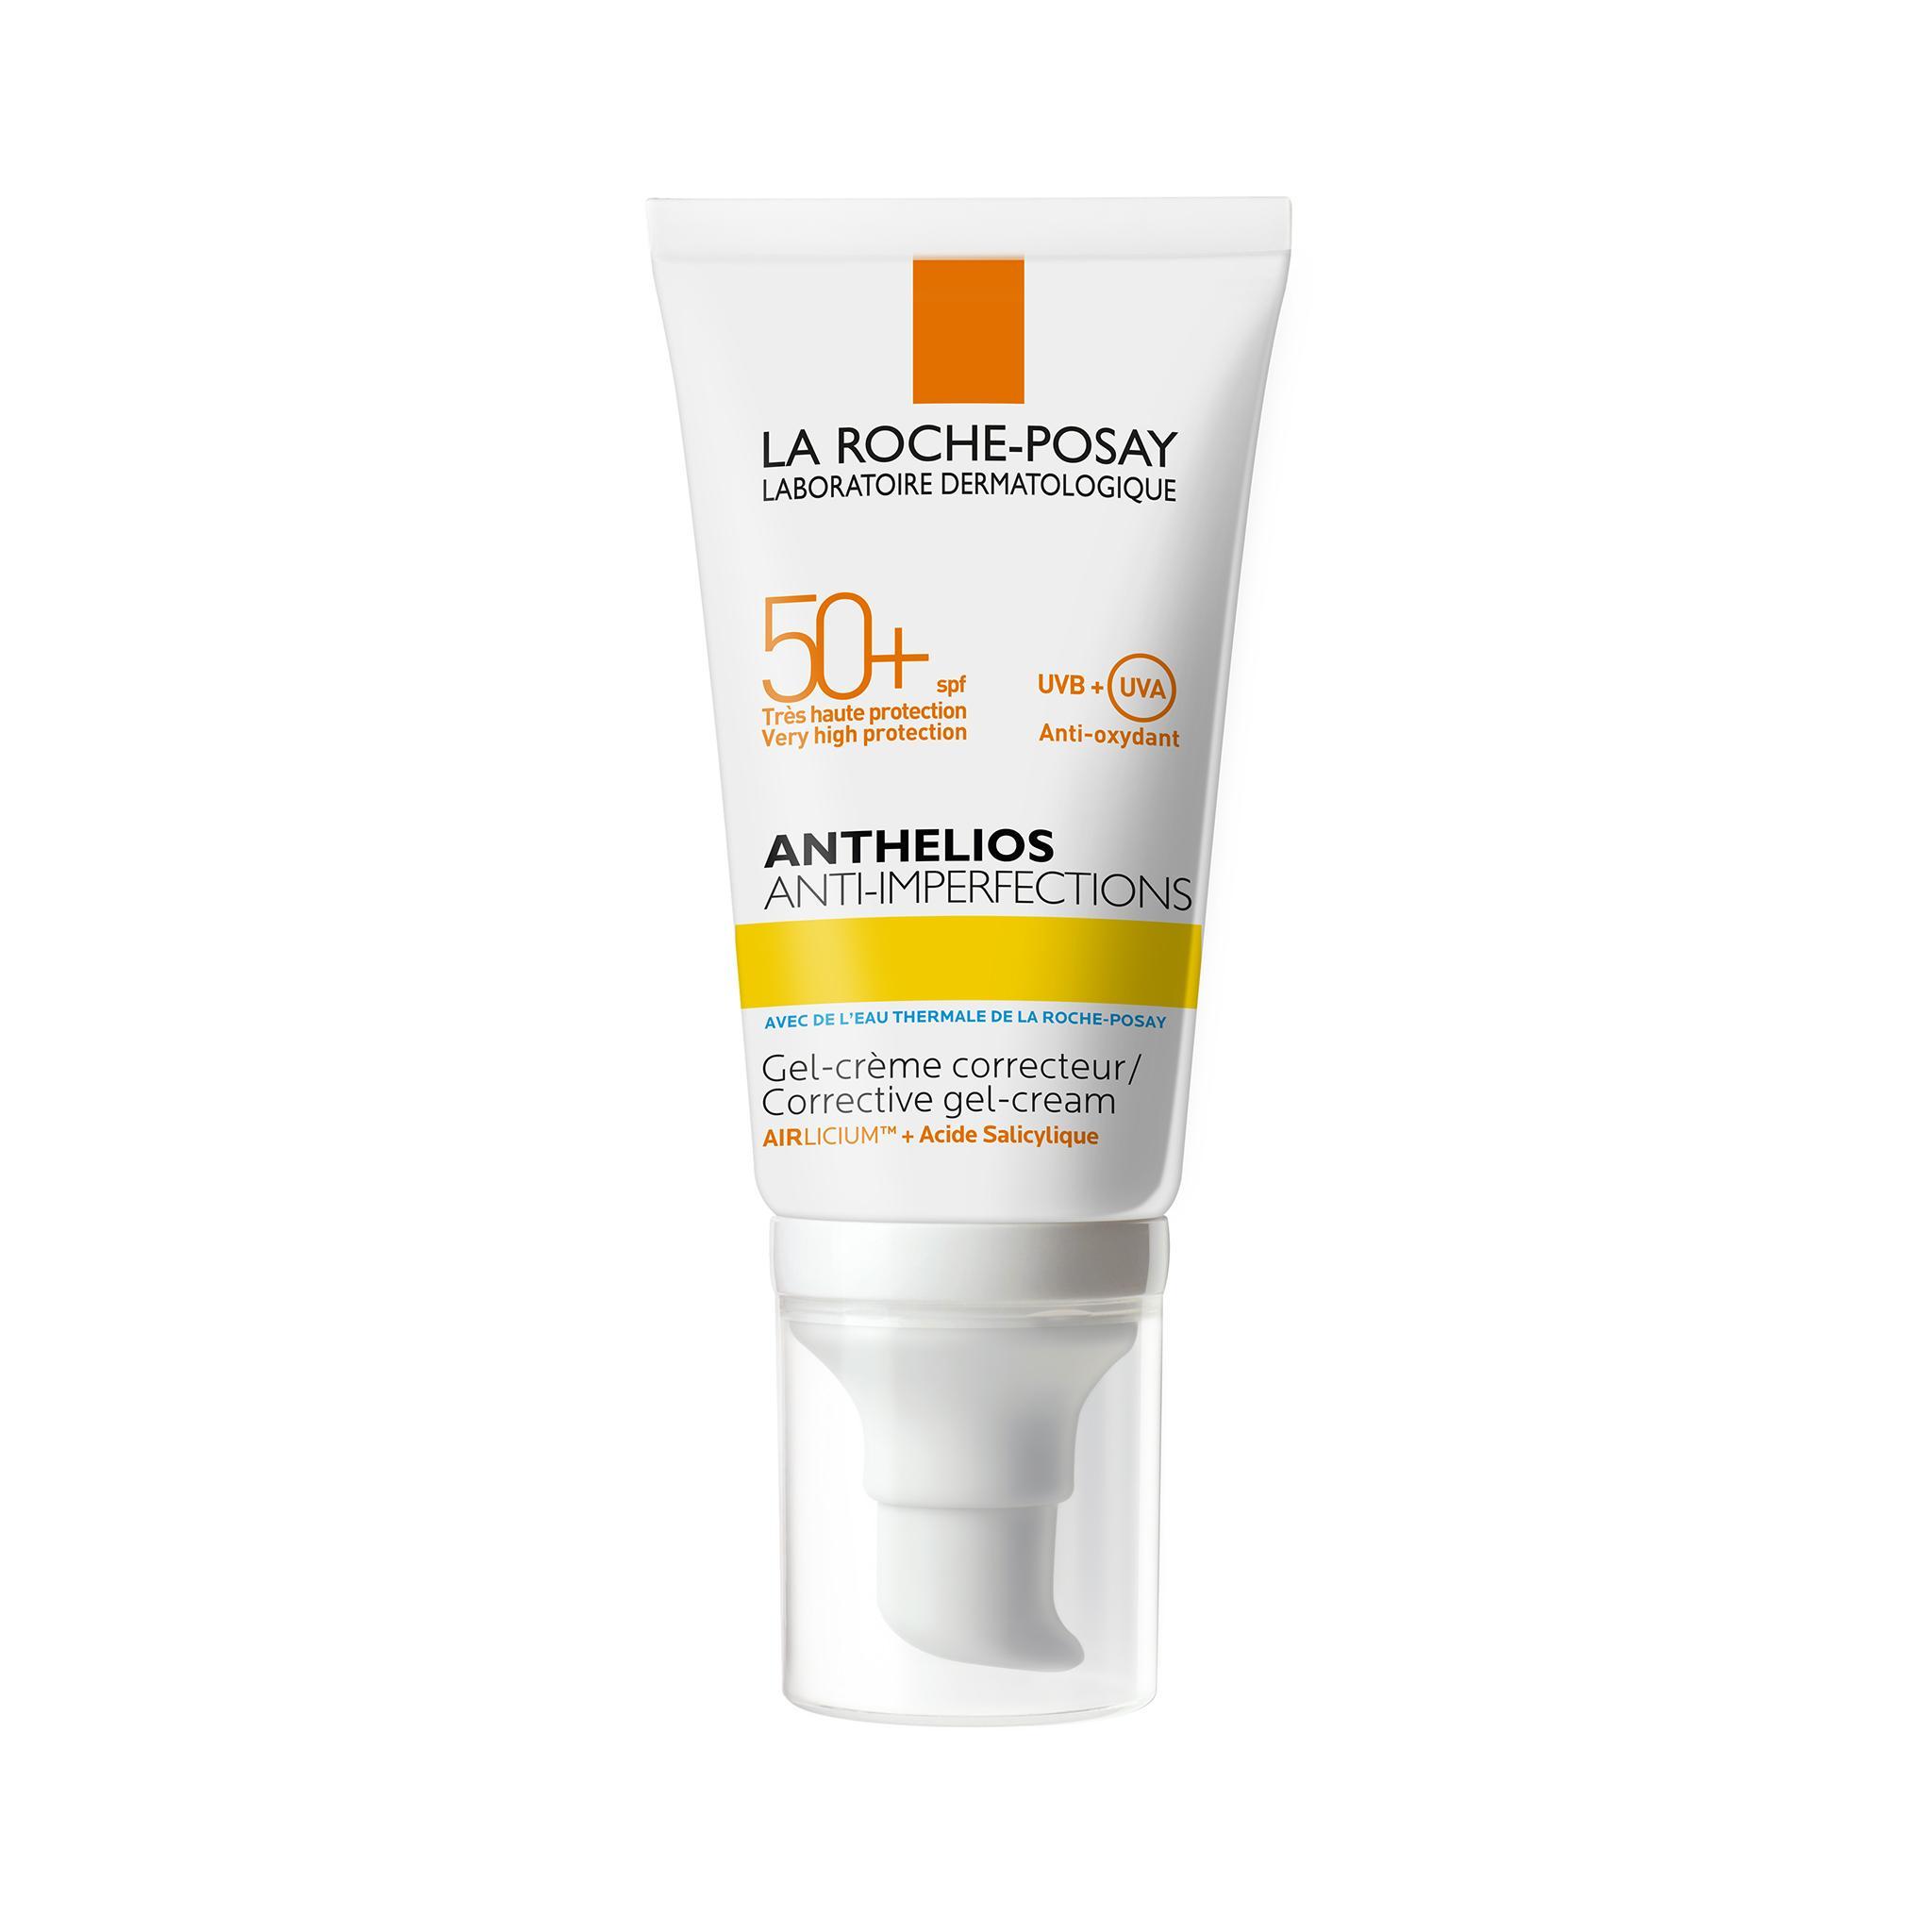 La Roche-Posay Anthelios Anti-Akne 50ml